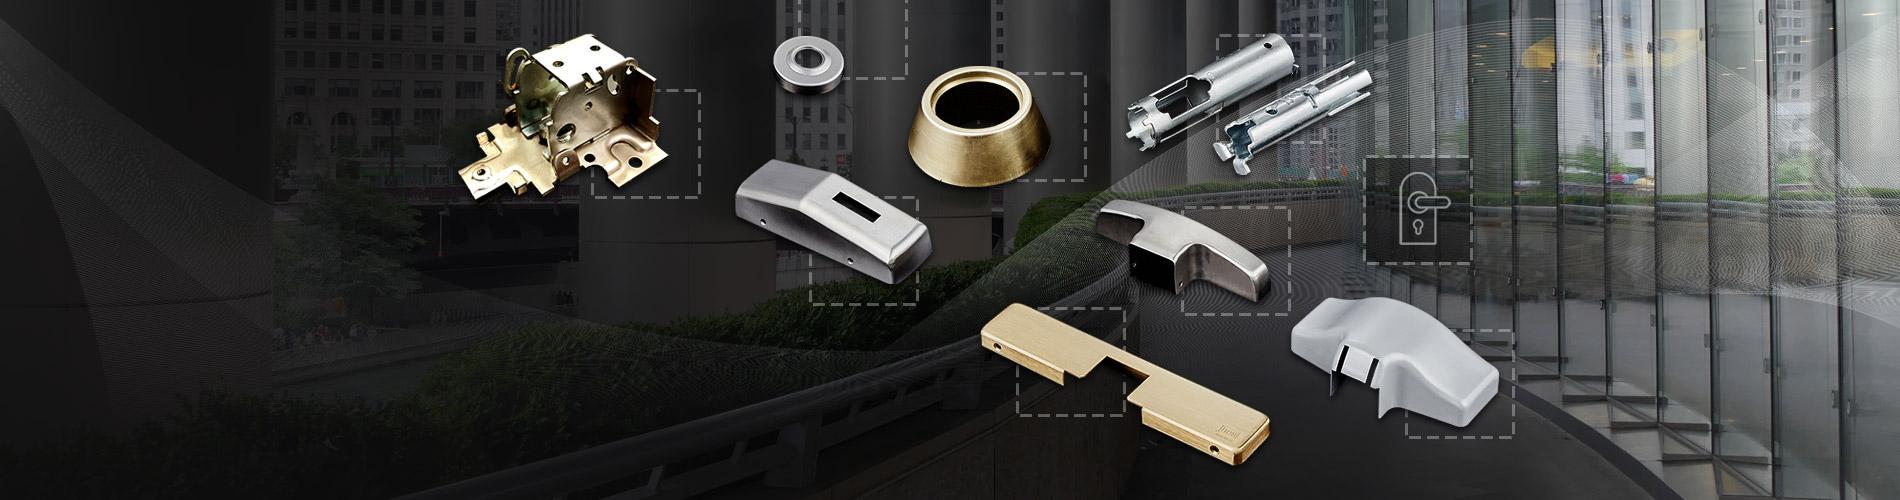 Kommerziell Grade Türschloss Komponenten